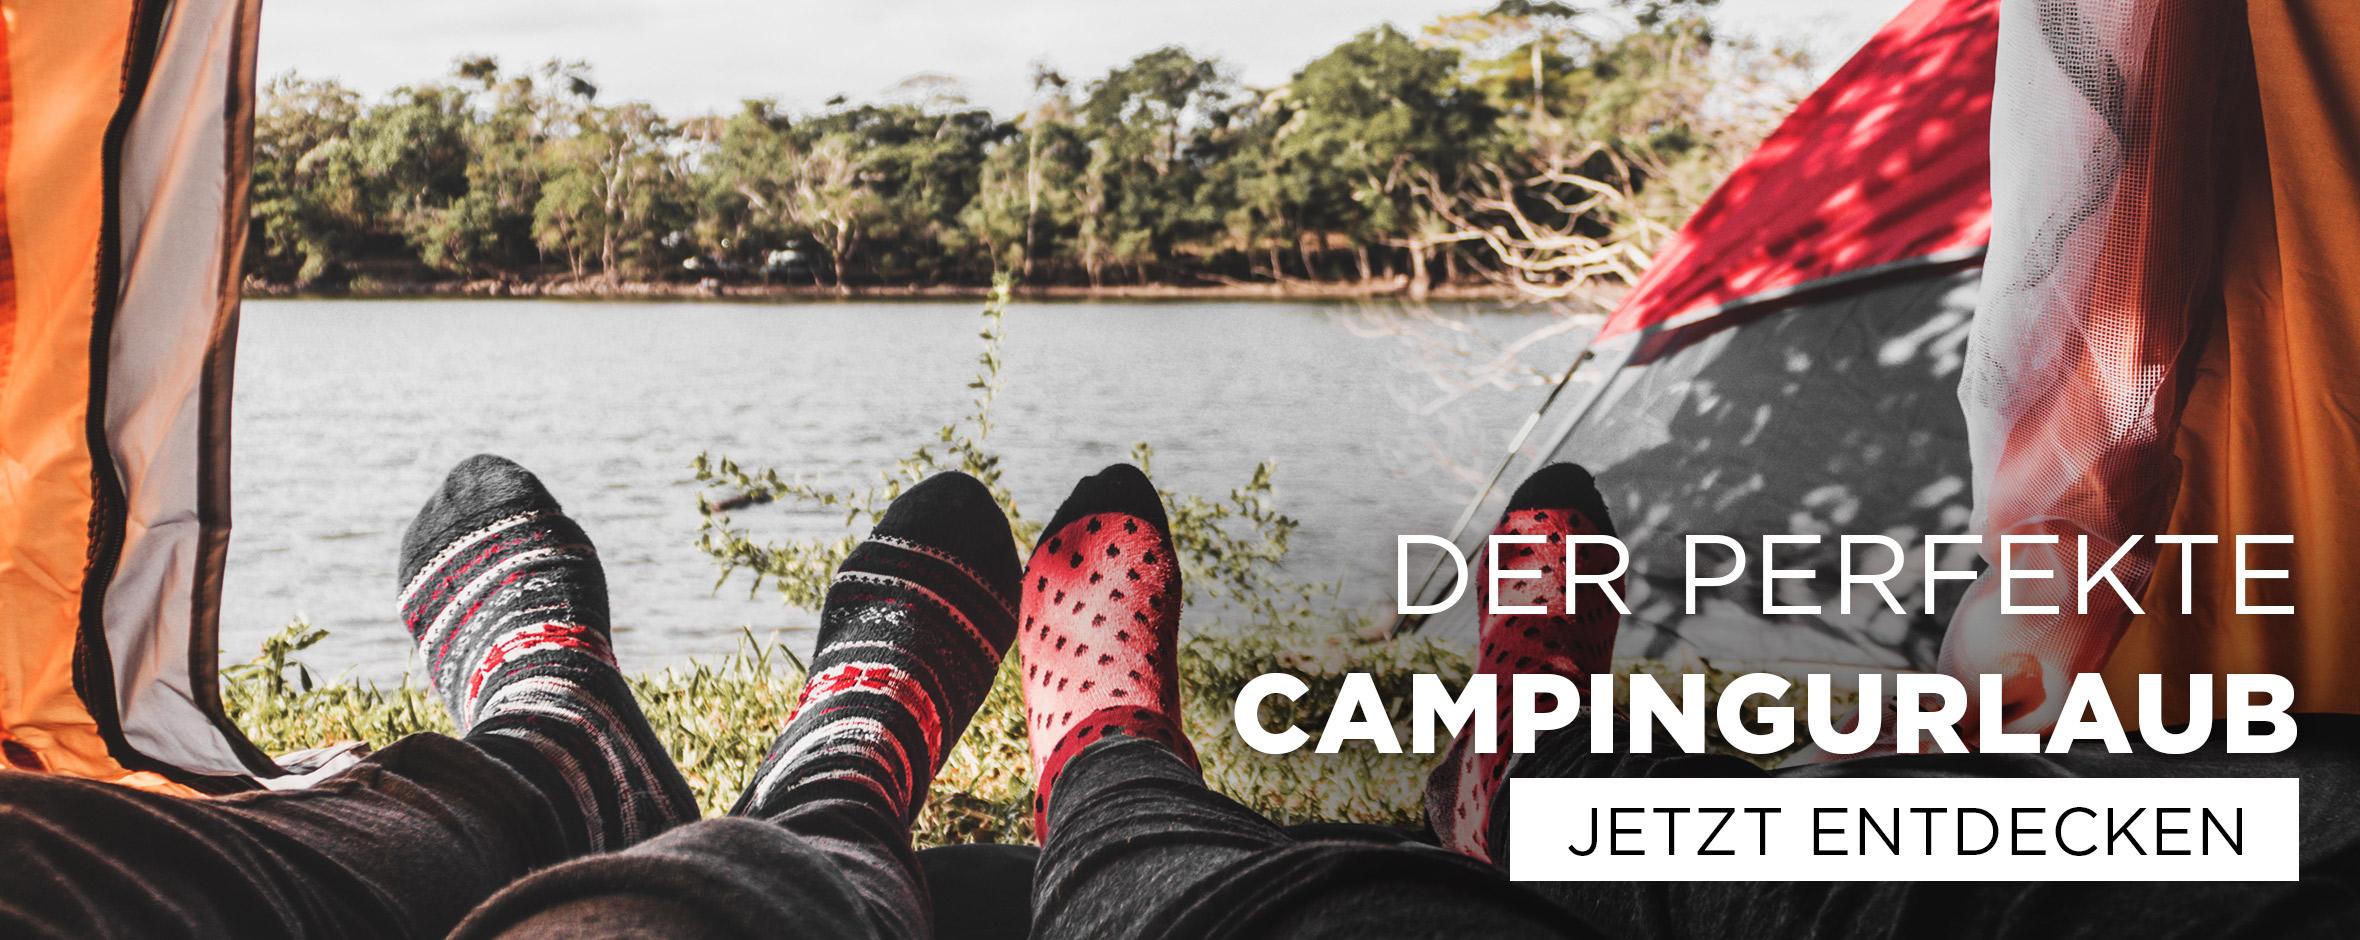 Der perfekte Campingurlaub